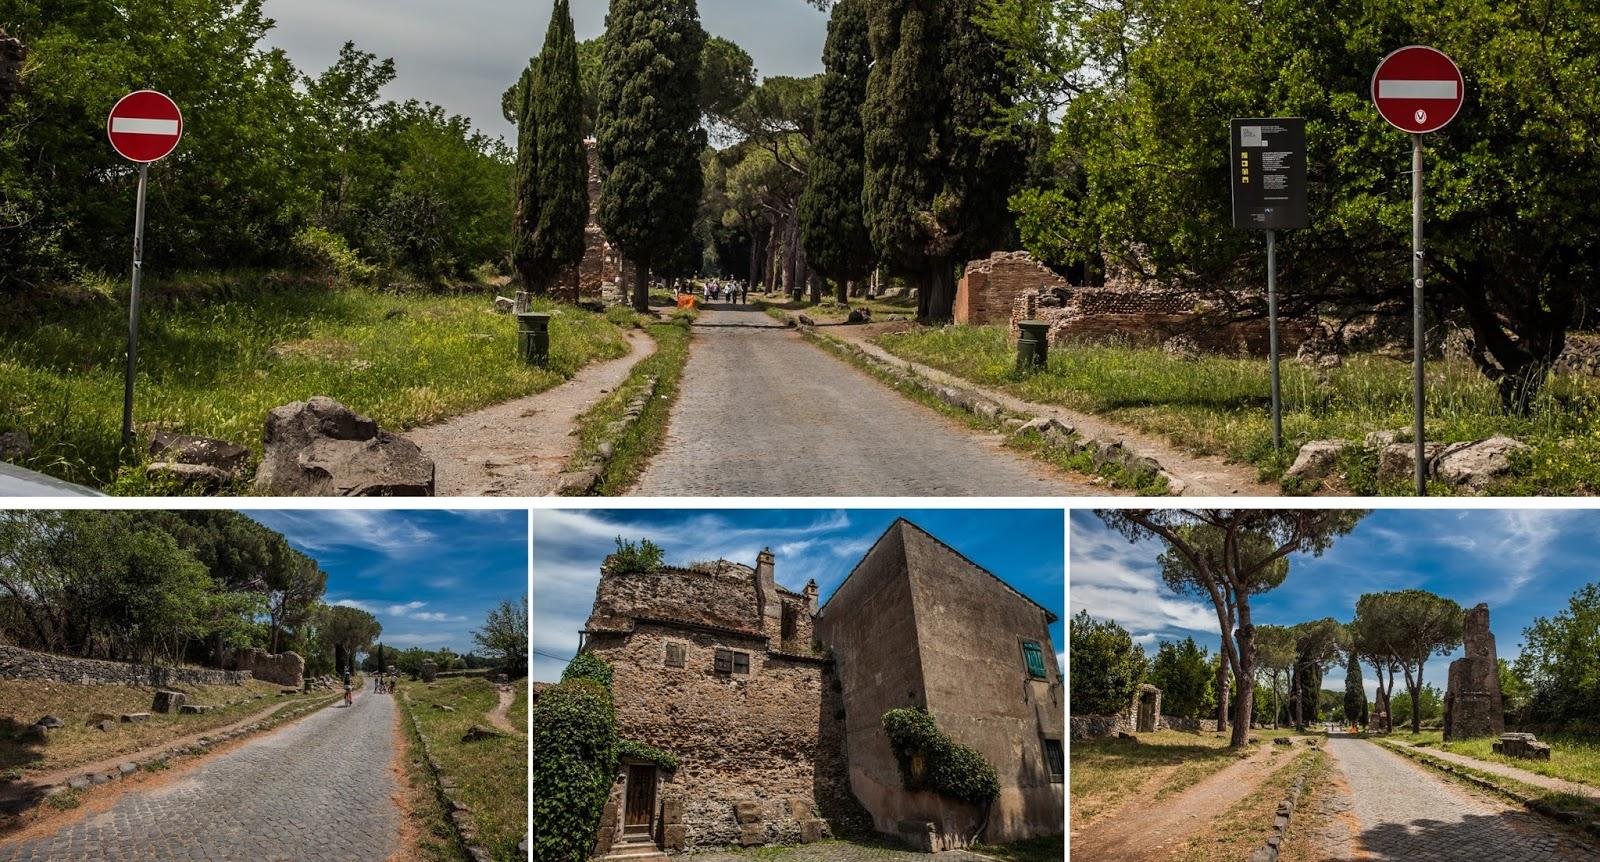 Relax am: italia roma via appia antica u2013 review pentru o tura